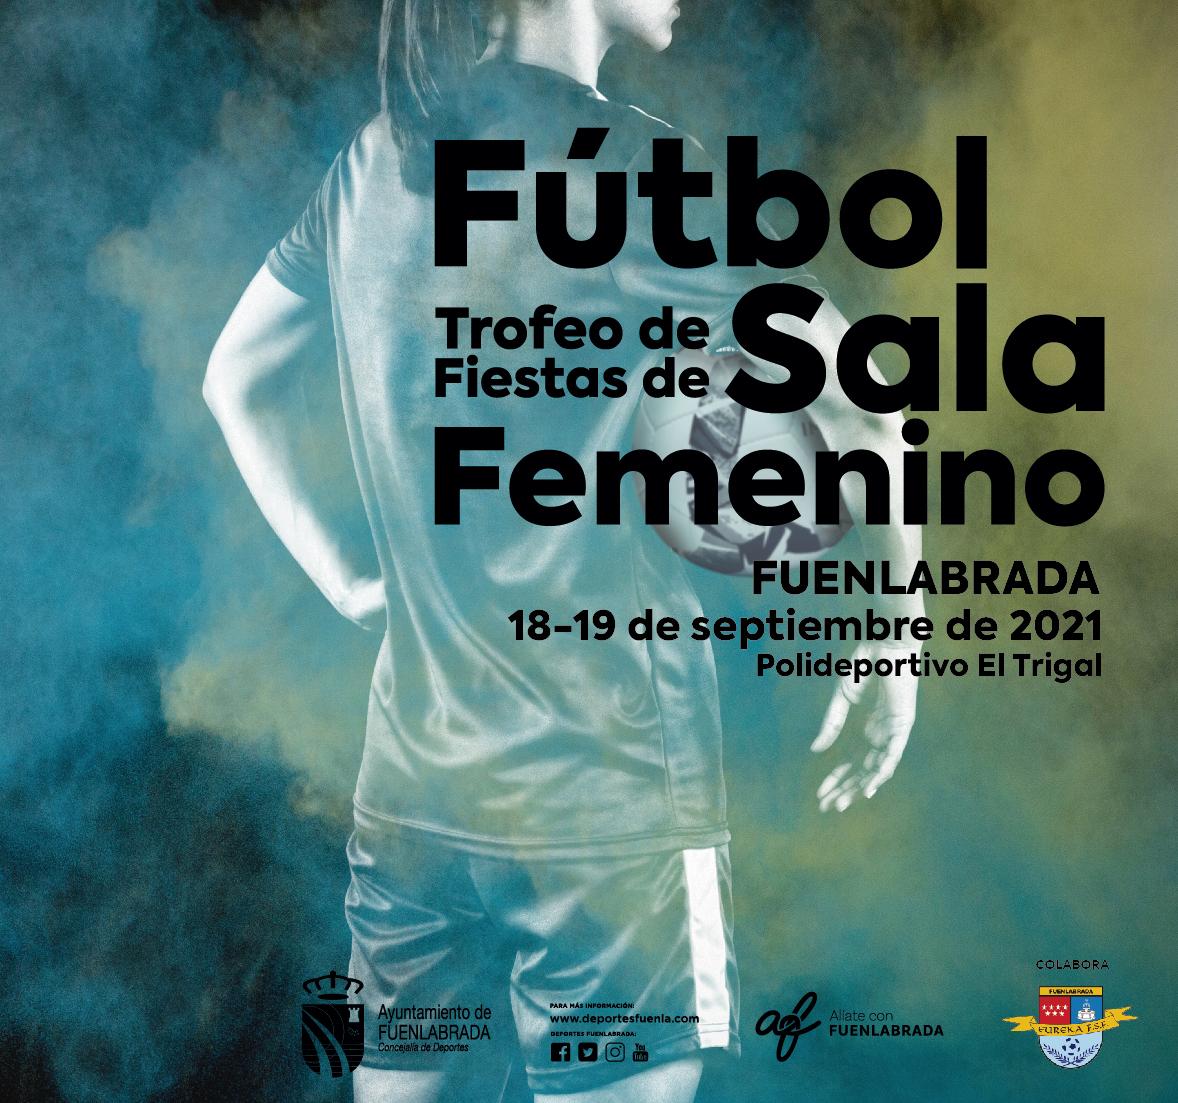 Copa Fútbol Sala Femenino Ciudad de Fuenlabrada